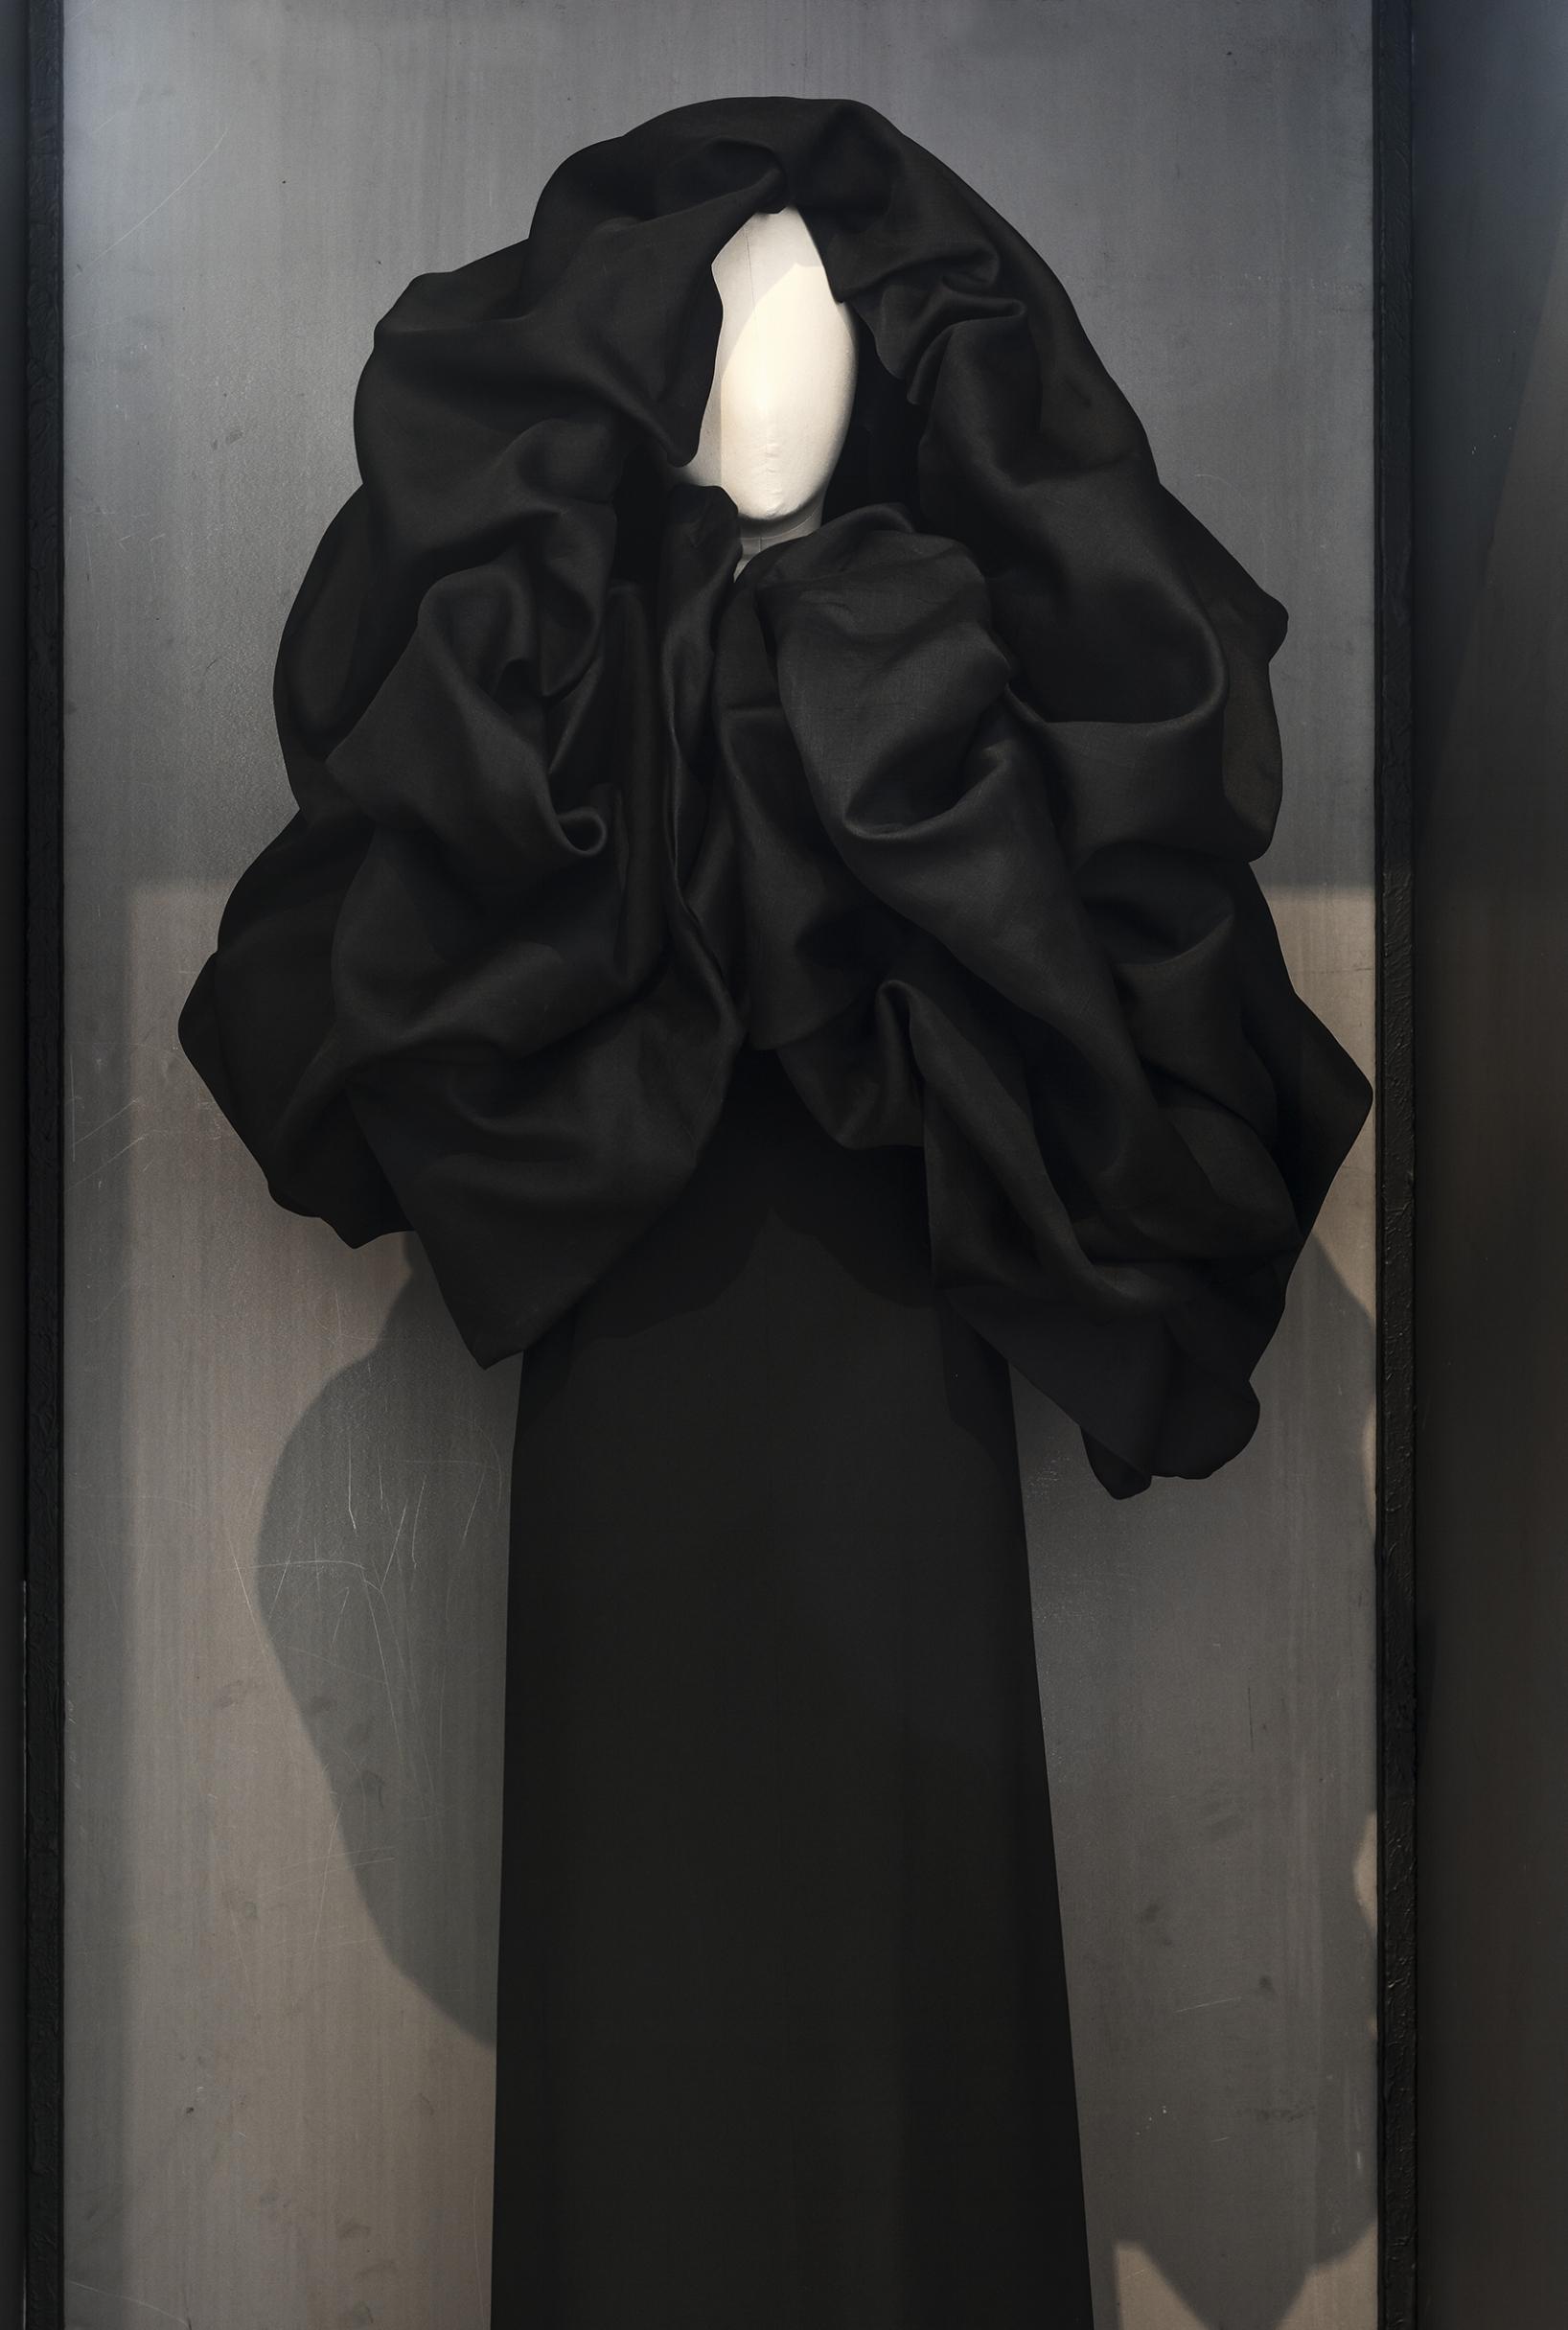 Balenciaga. Robe. 1950. Collection Palais Galliera. Copyright Julien Vidal/Galliera/Roger-Viollet.